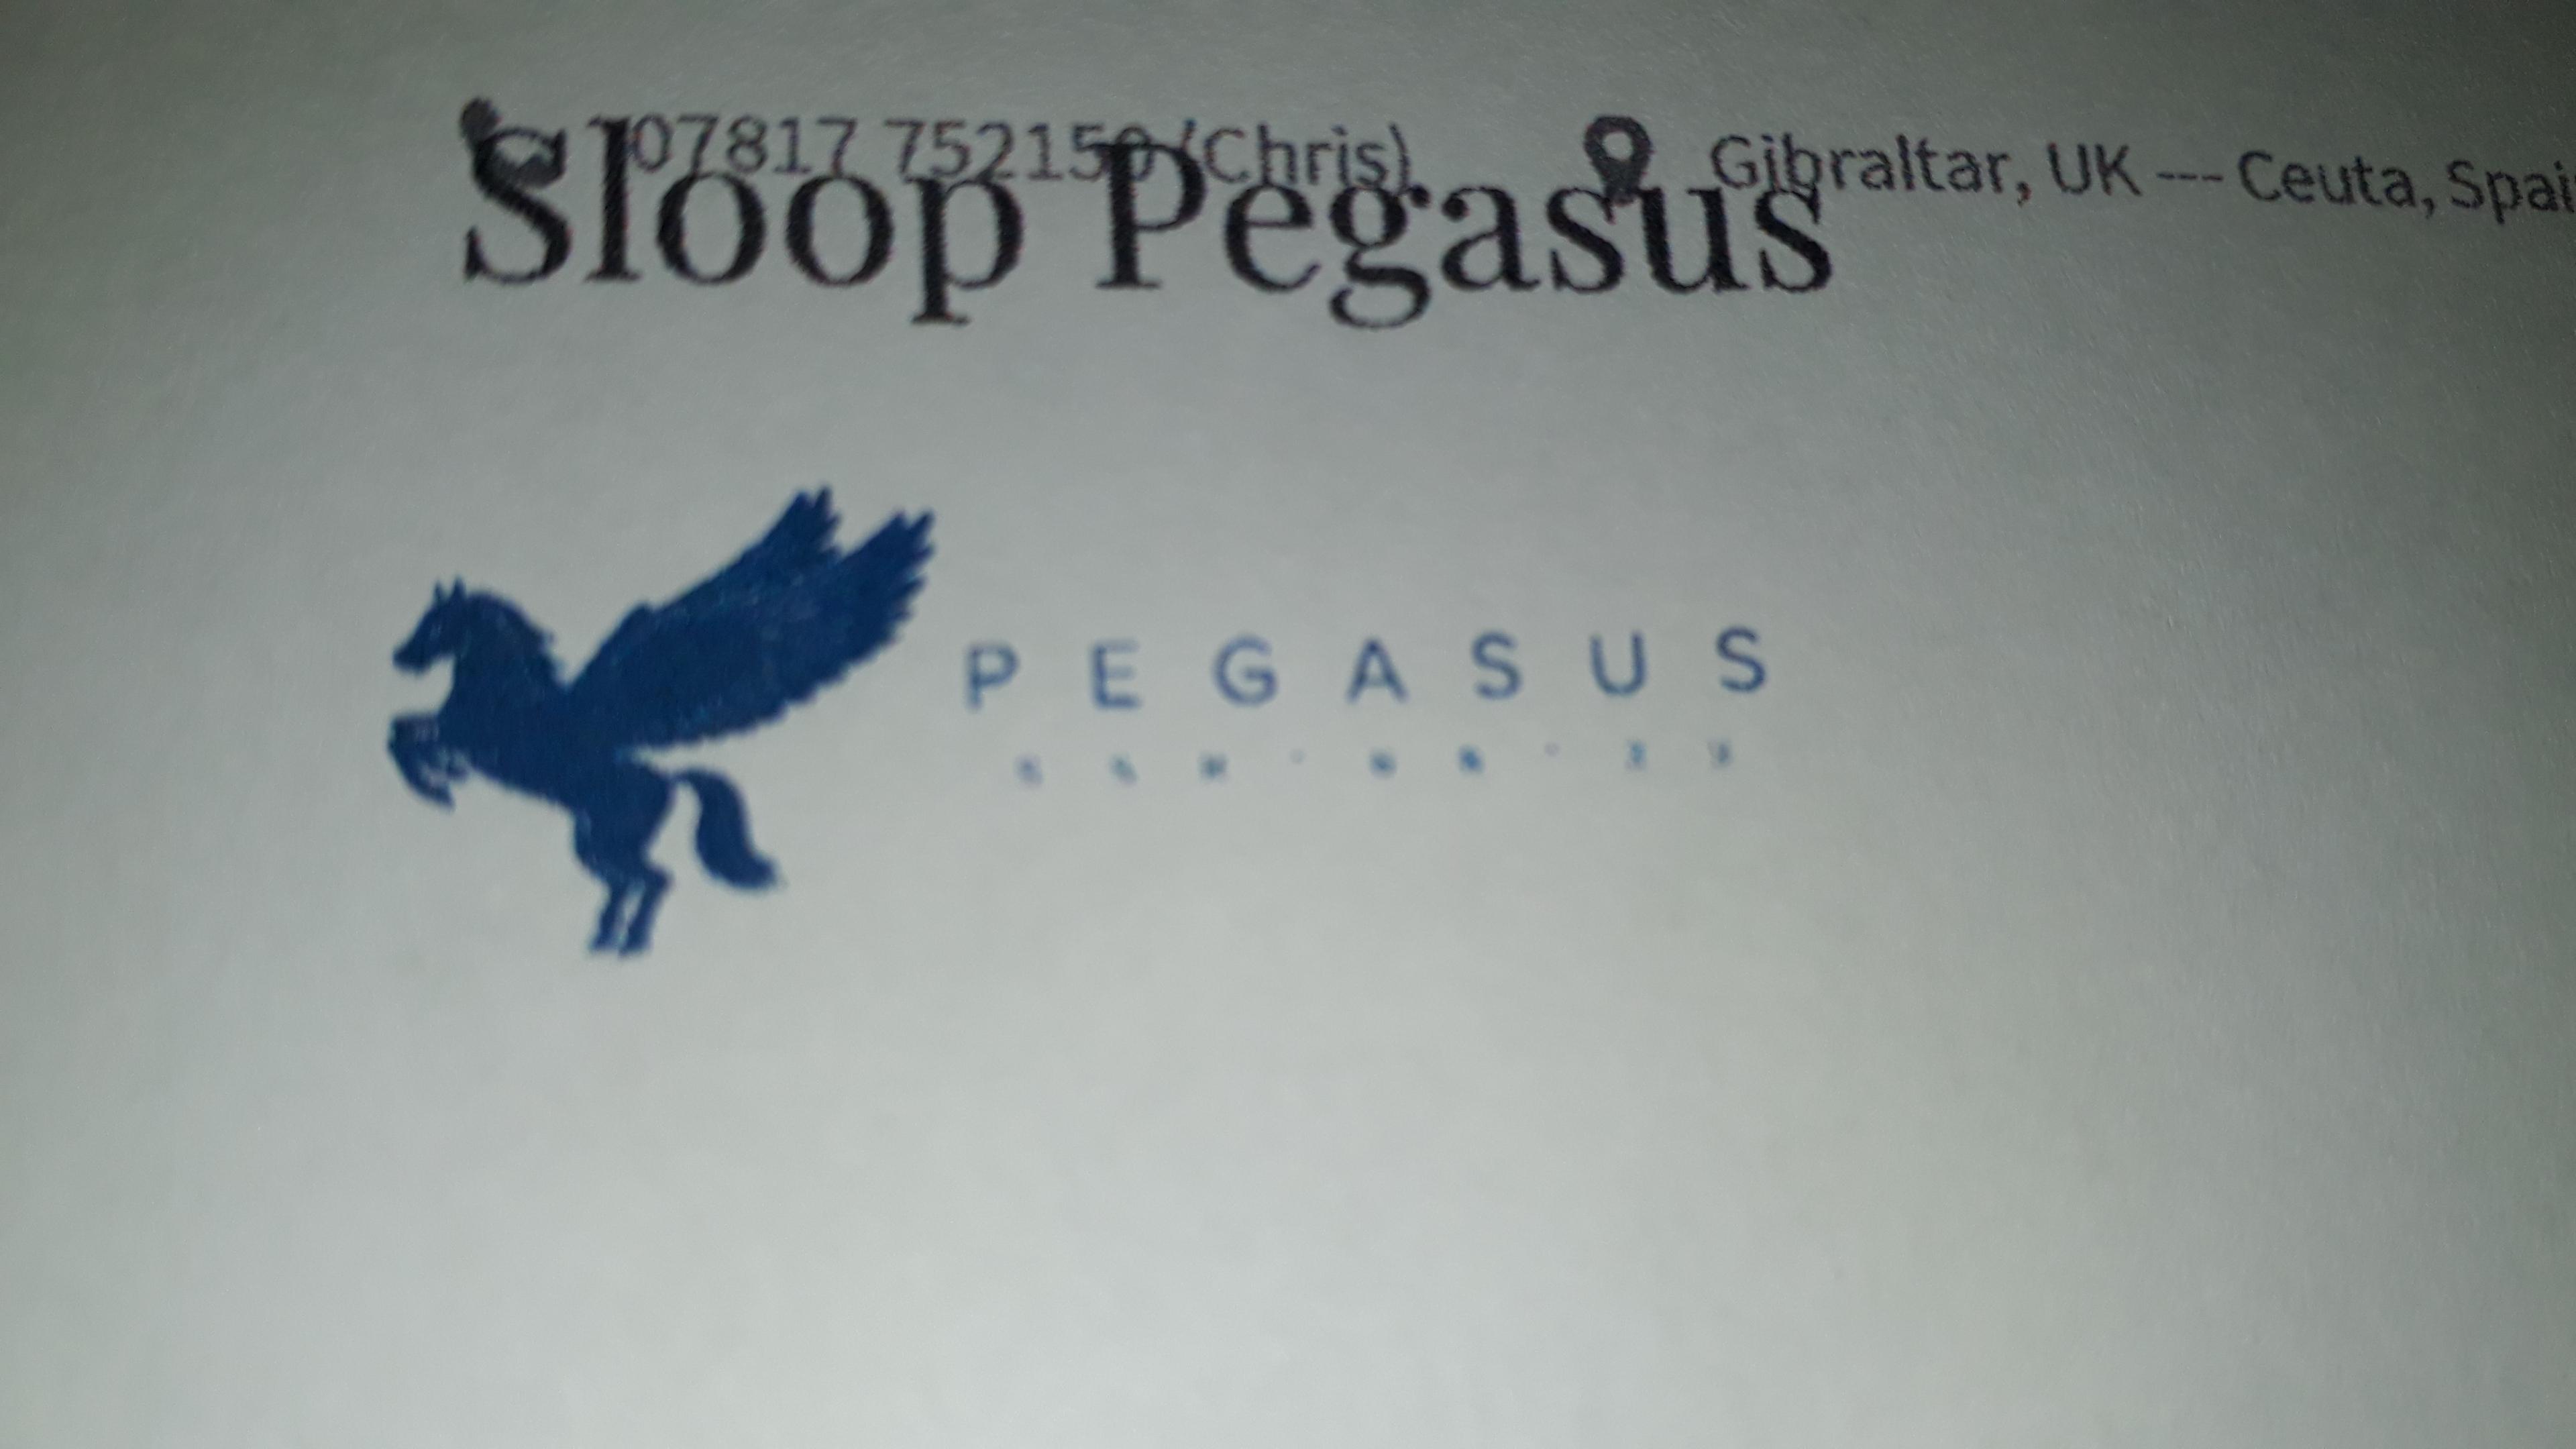 Sloop Pegasus